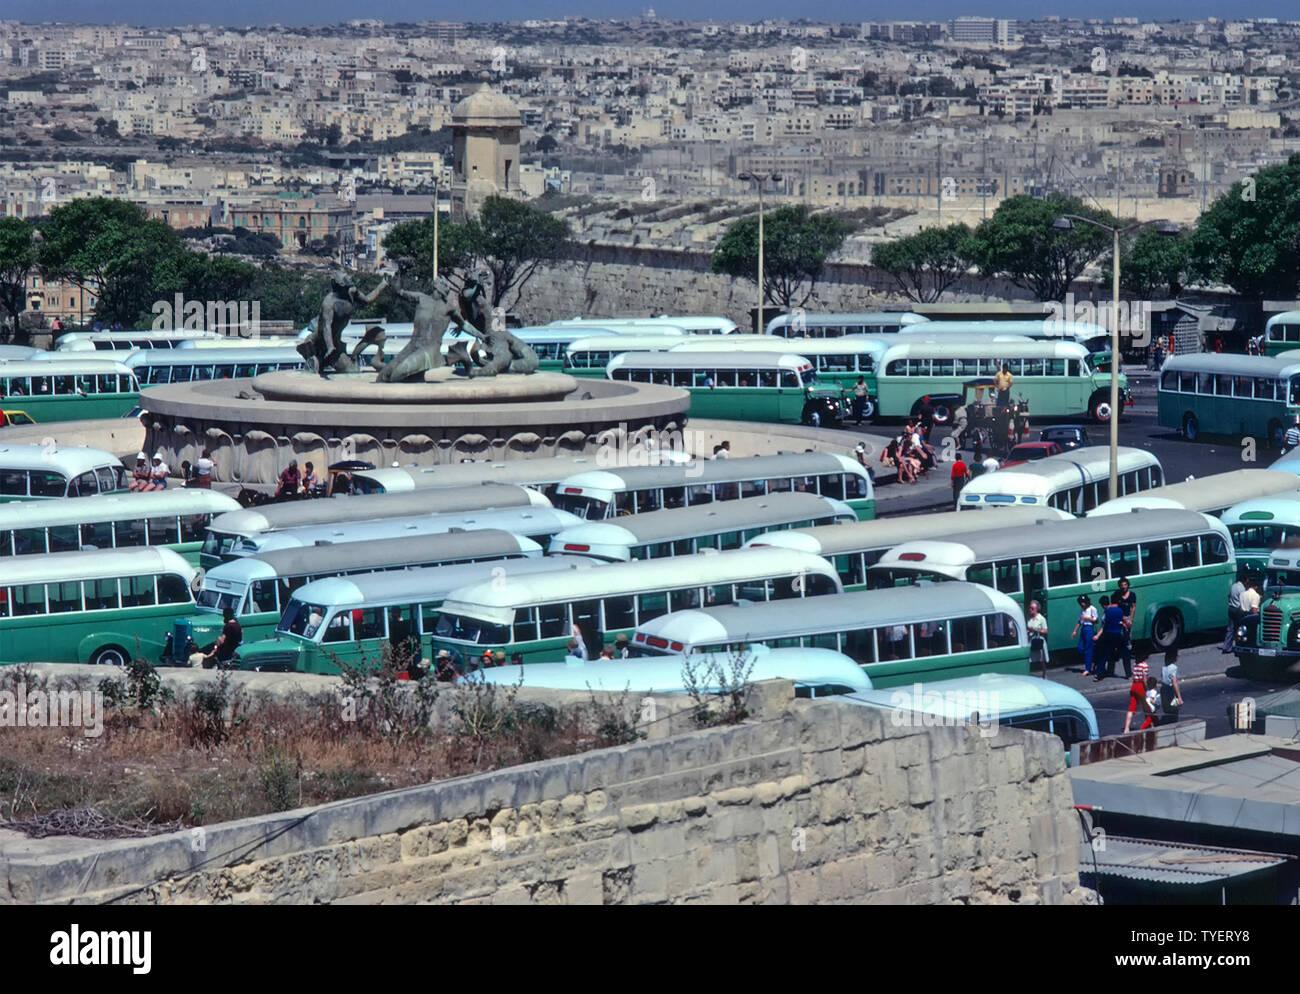 Historisches Archiv bild Busbahnhof in Valletta Busse grün lackiert 1975 - 1995 geparkt um viel verändert drei Bronze TRITONEN Statuen Malta Stockbild